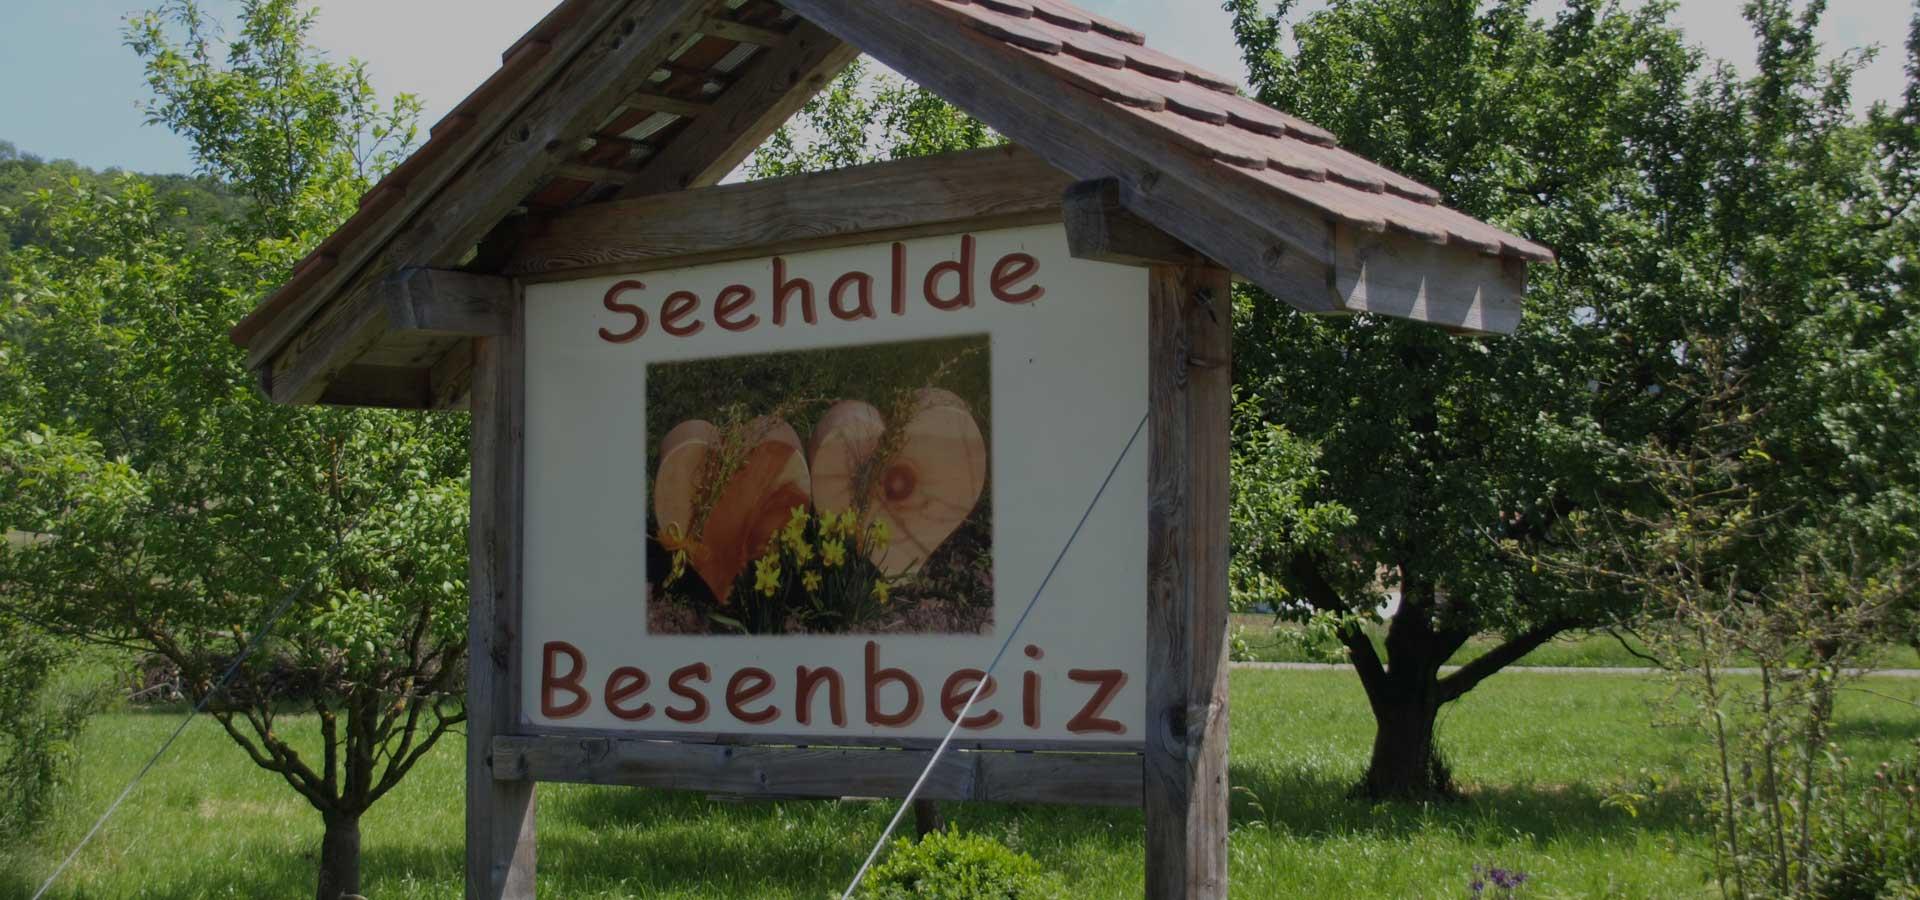 Besenbeiz Seehalde